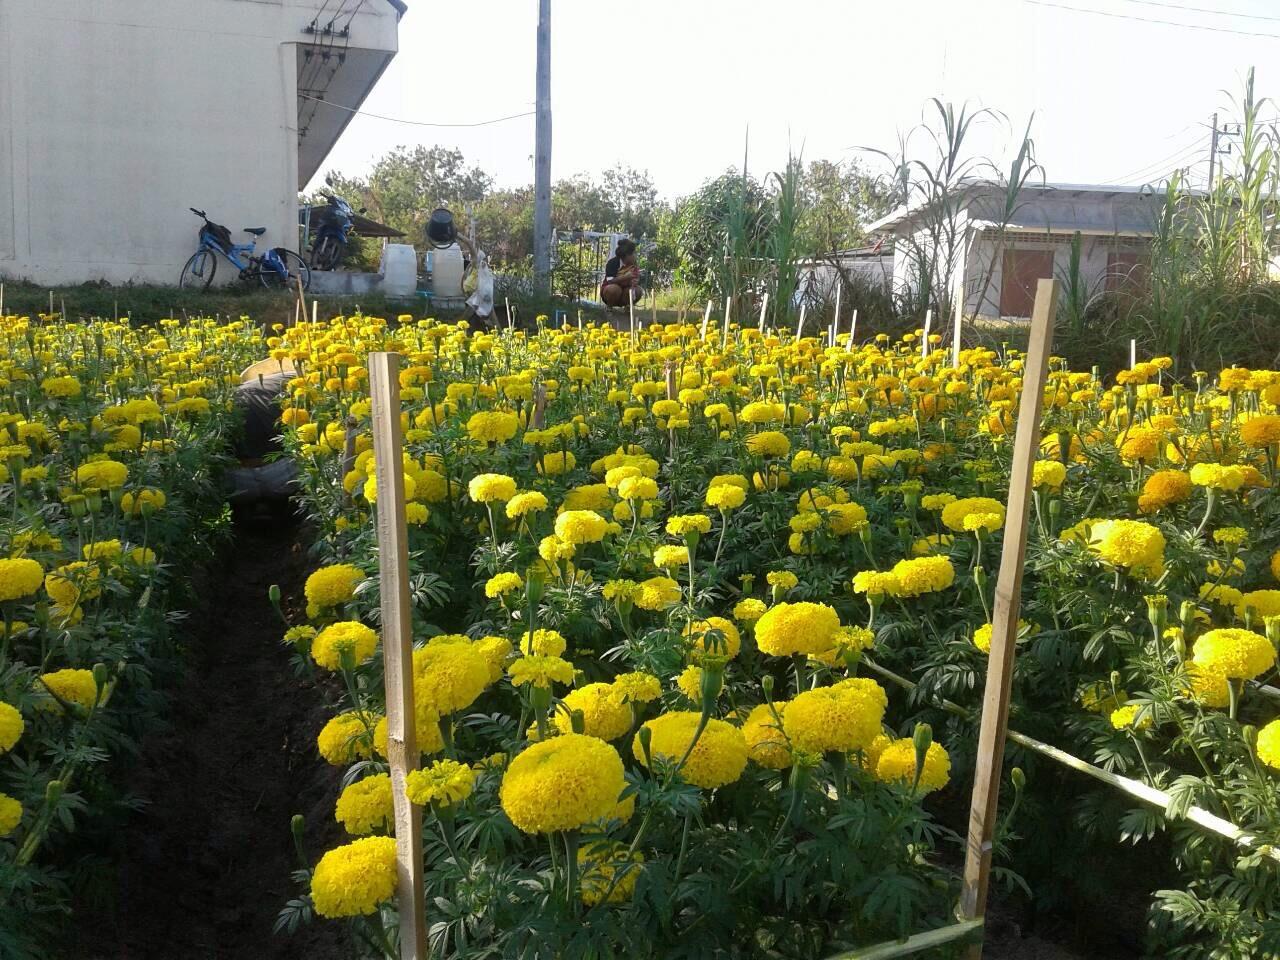 มงคลสีเหลือง จำนวน 100 เมล็ด